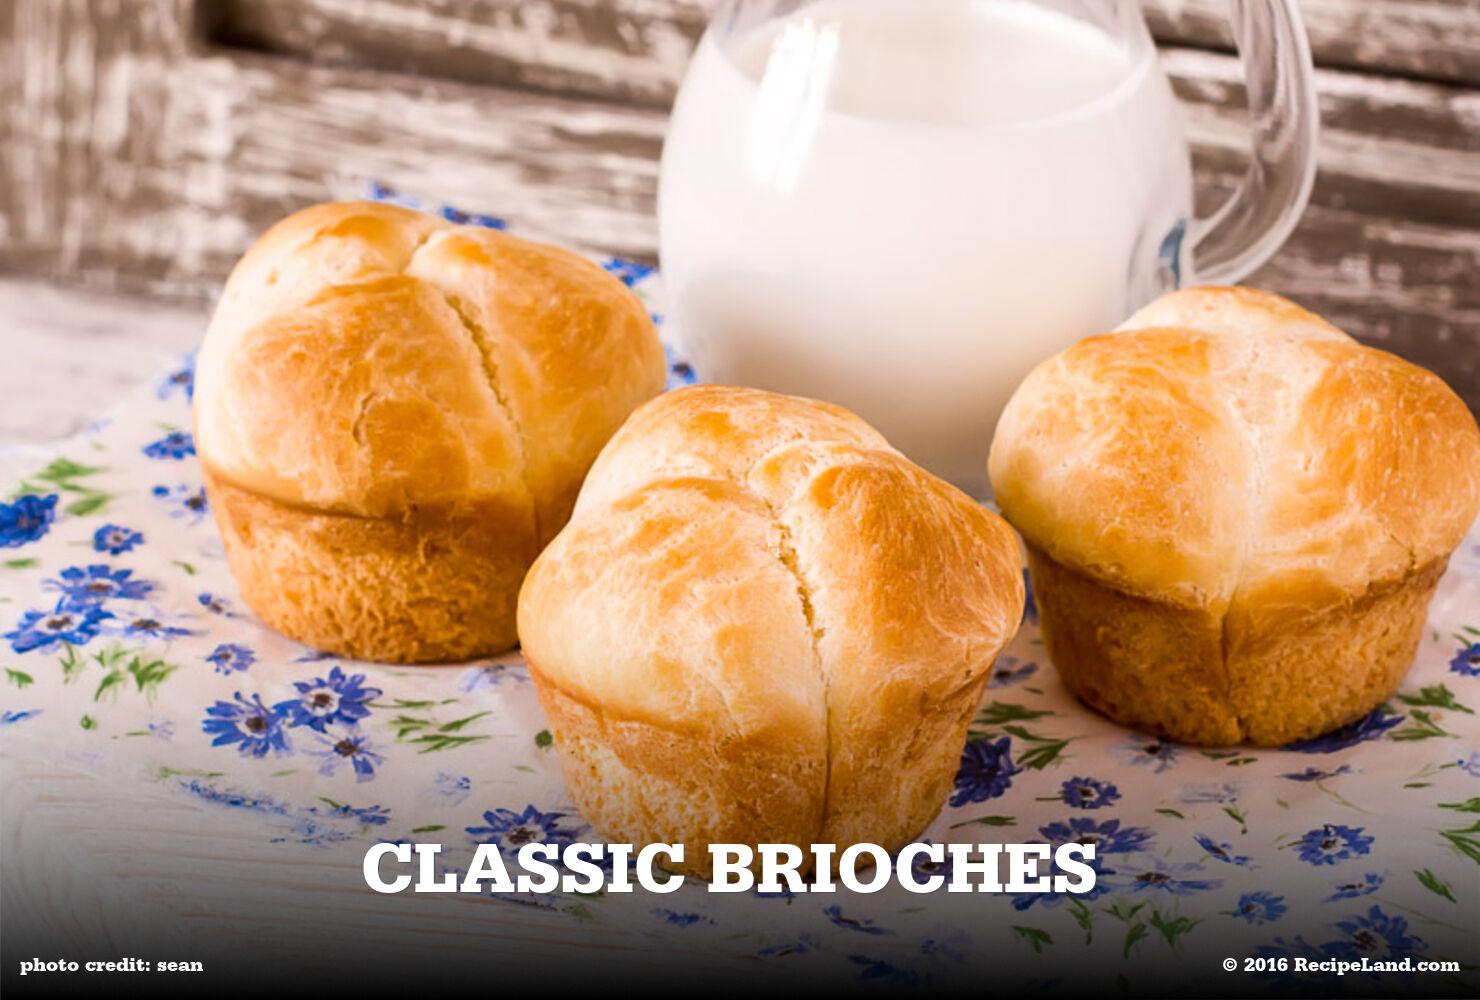 Classic Brioches